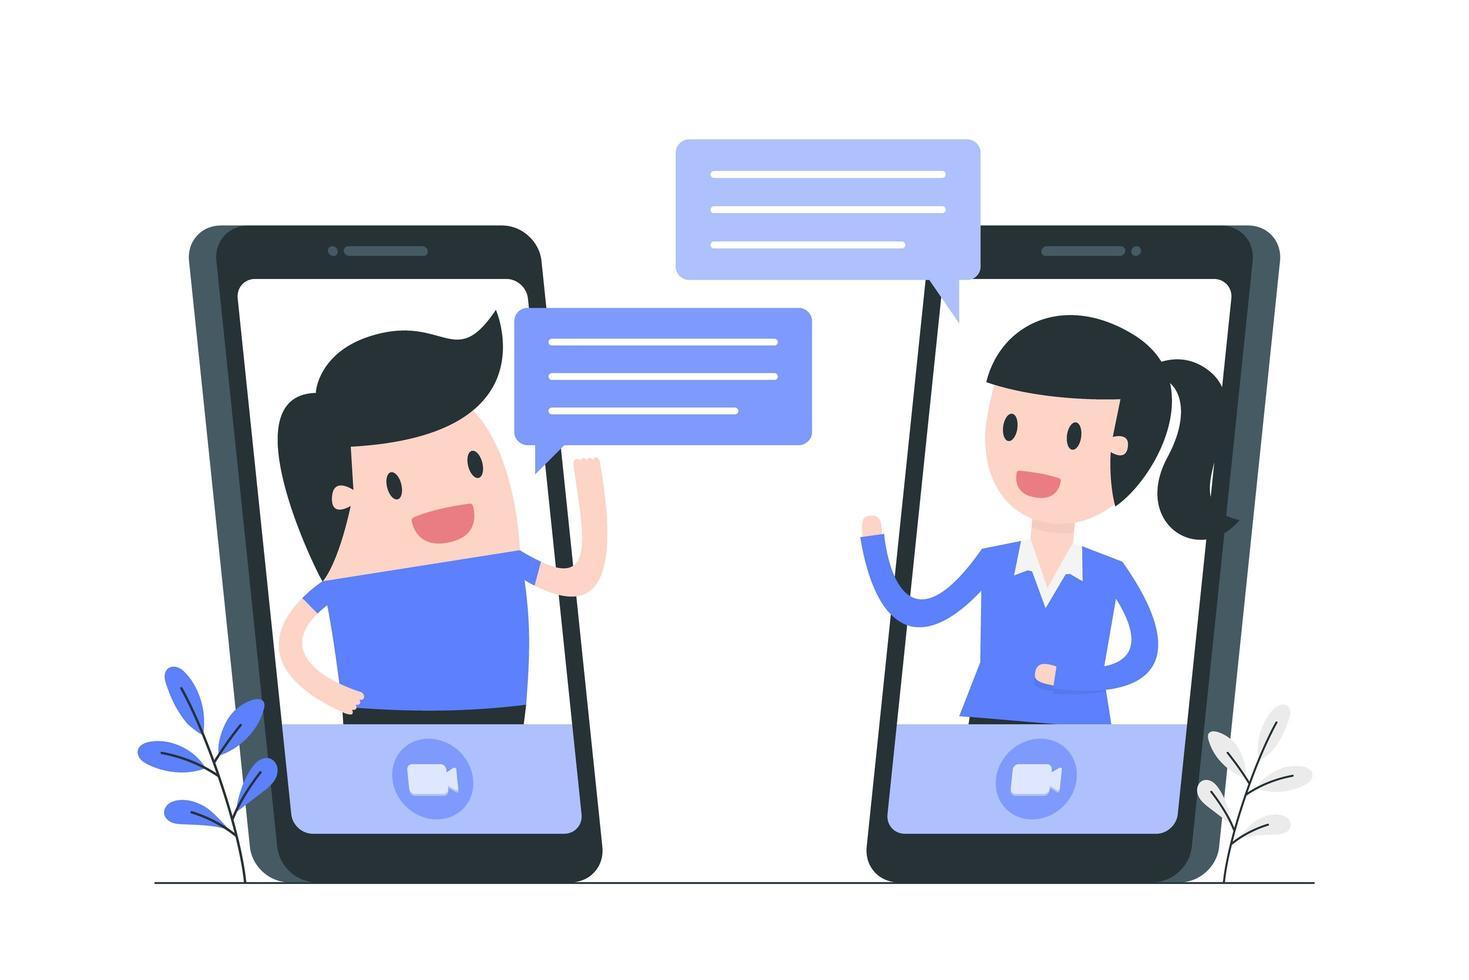 Illustration des Social Media- und Kommunikationskonzepts vektor